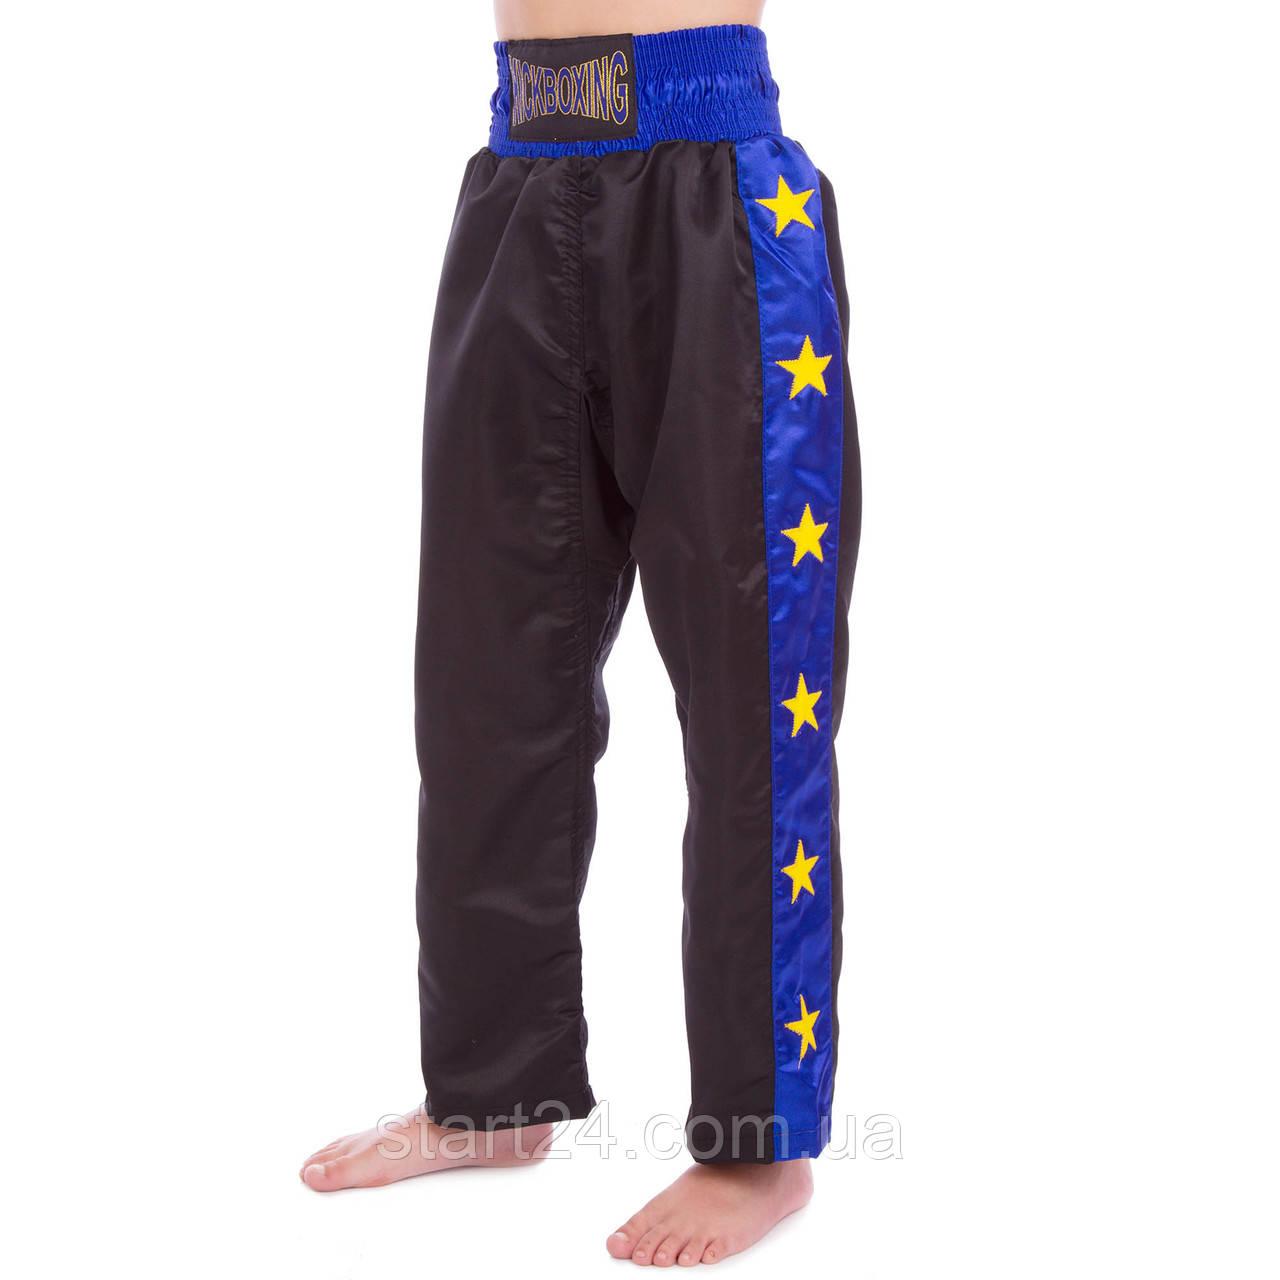 Штаны для кикбоксинга детские MATSA KICKBOXING MA-6734 (полиэстер, 6-14лет, рост 122-152см, черный-синий)